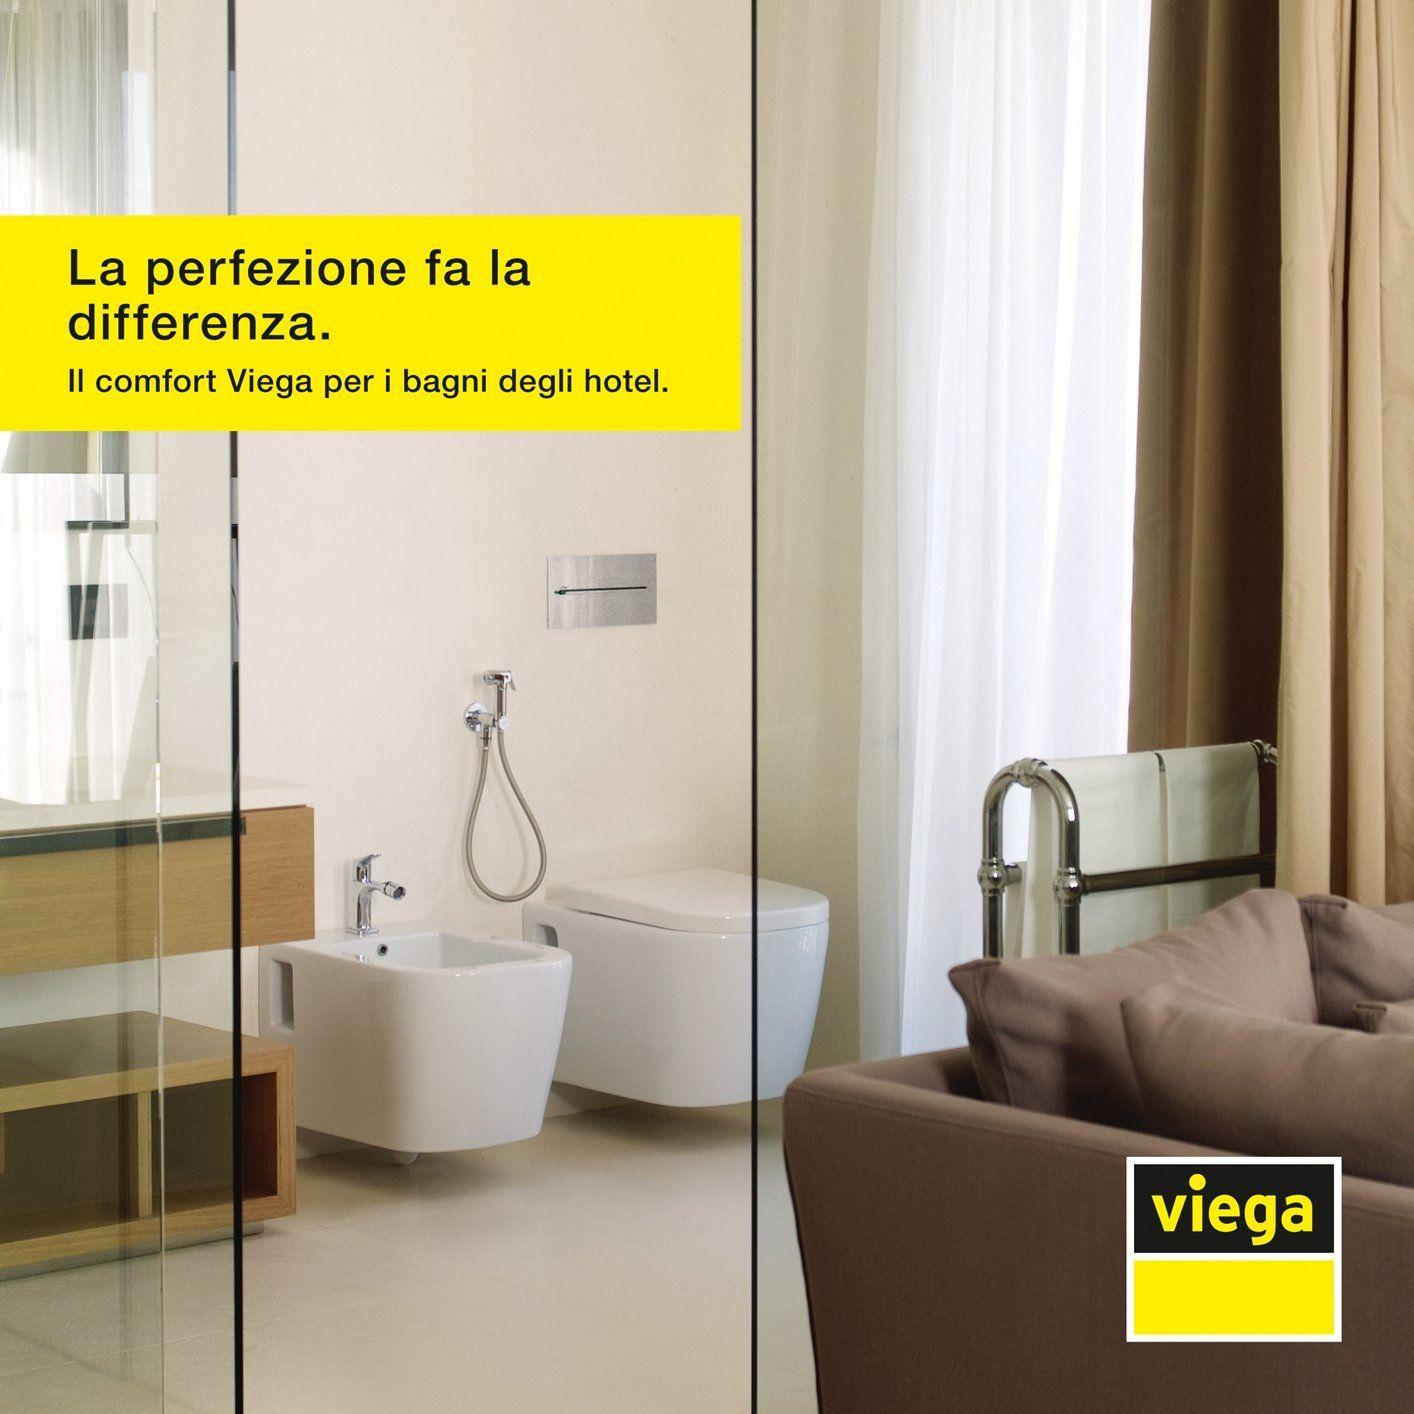 Viega presenta due nuove brochure con referenze tra esperienza e confort